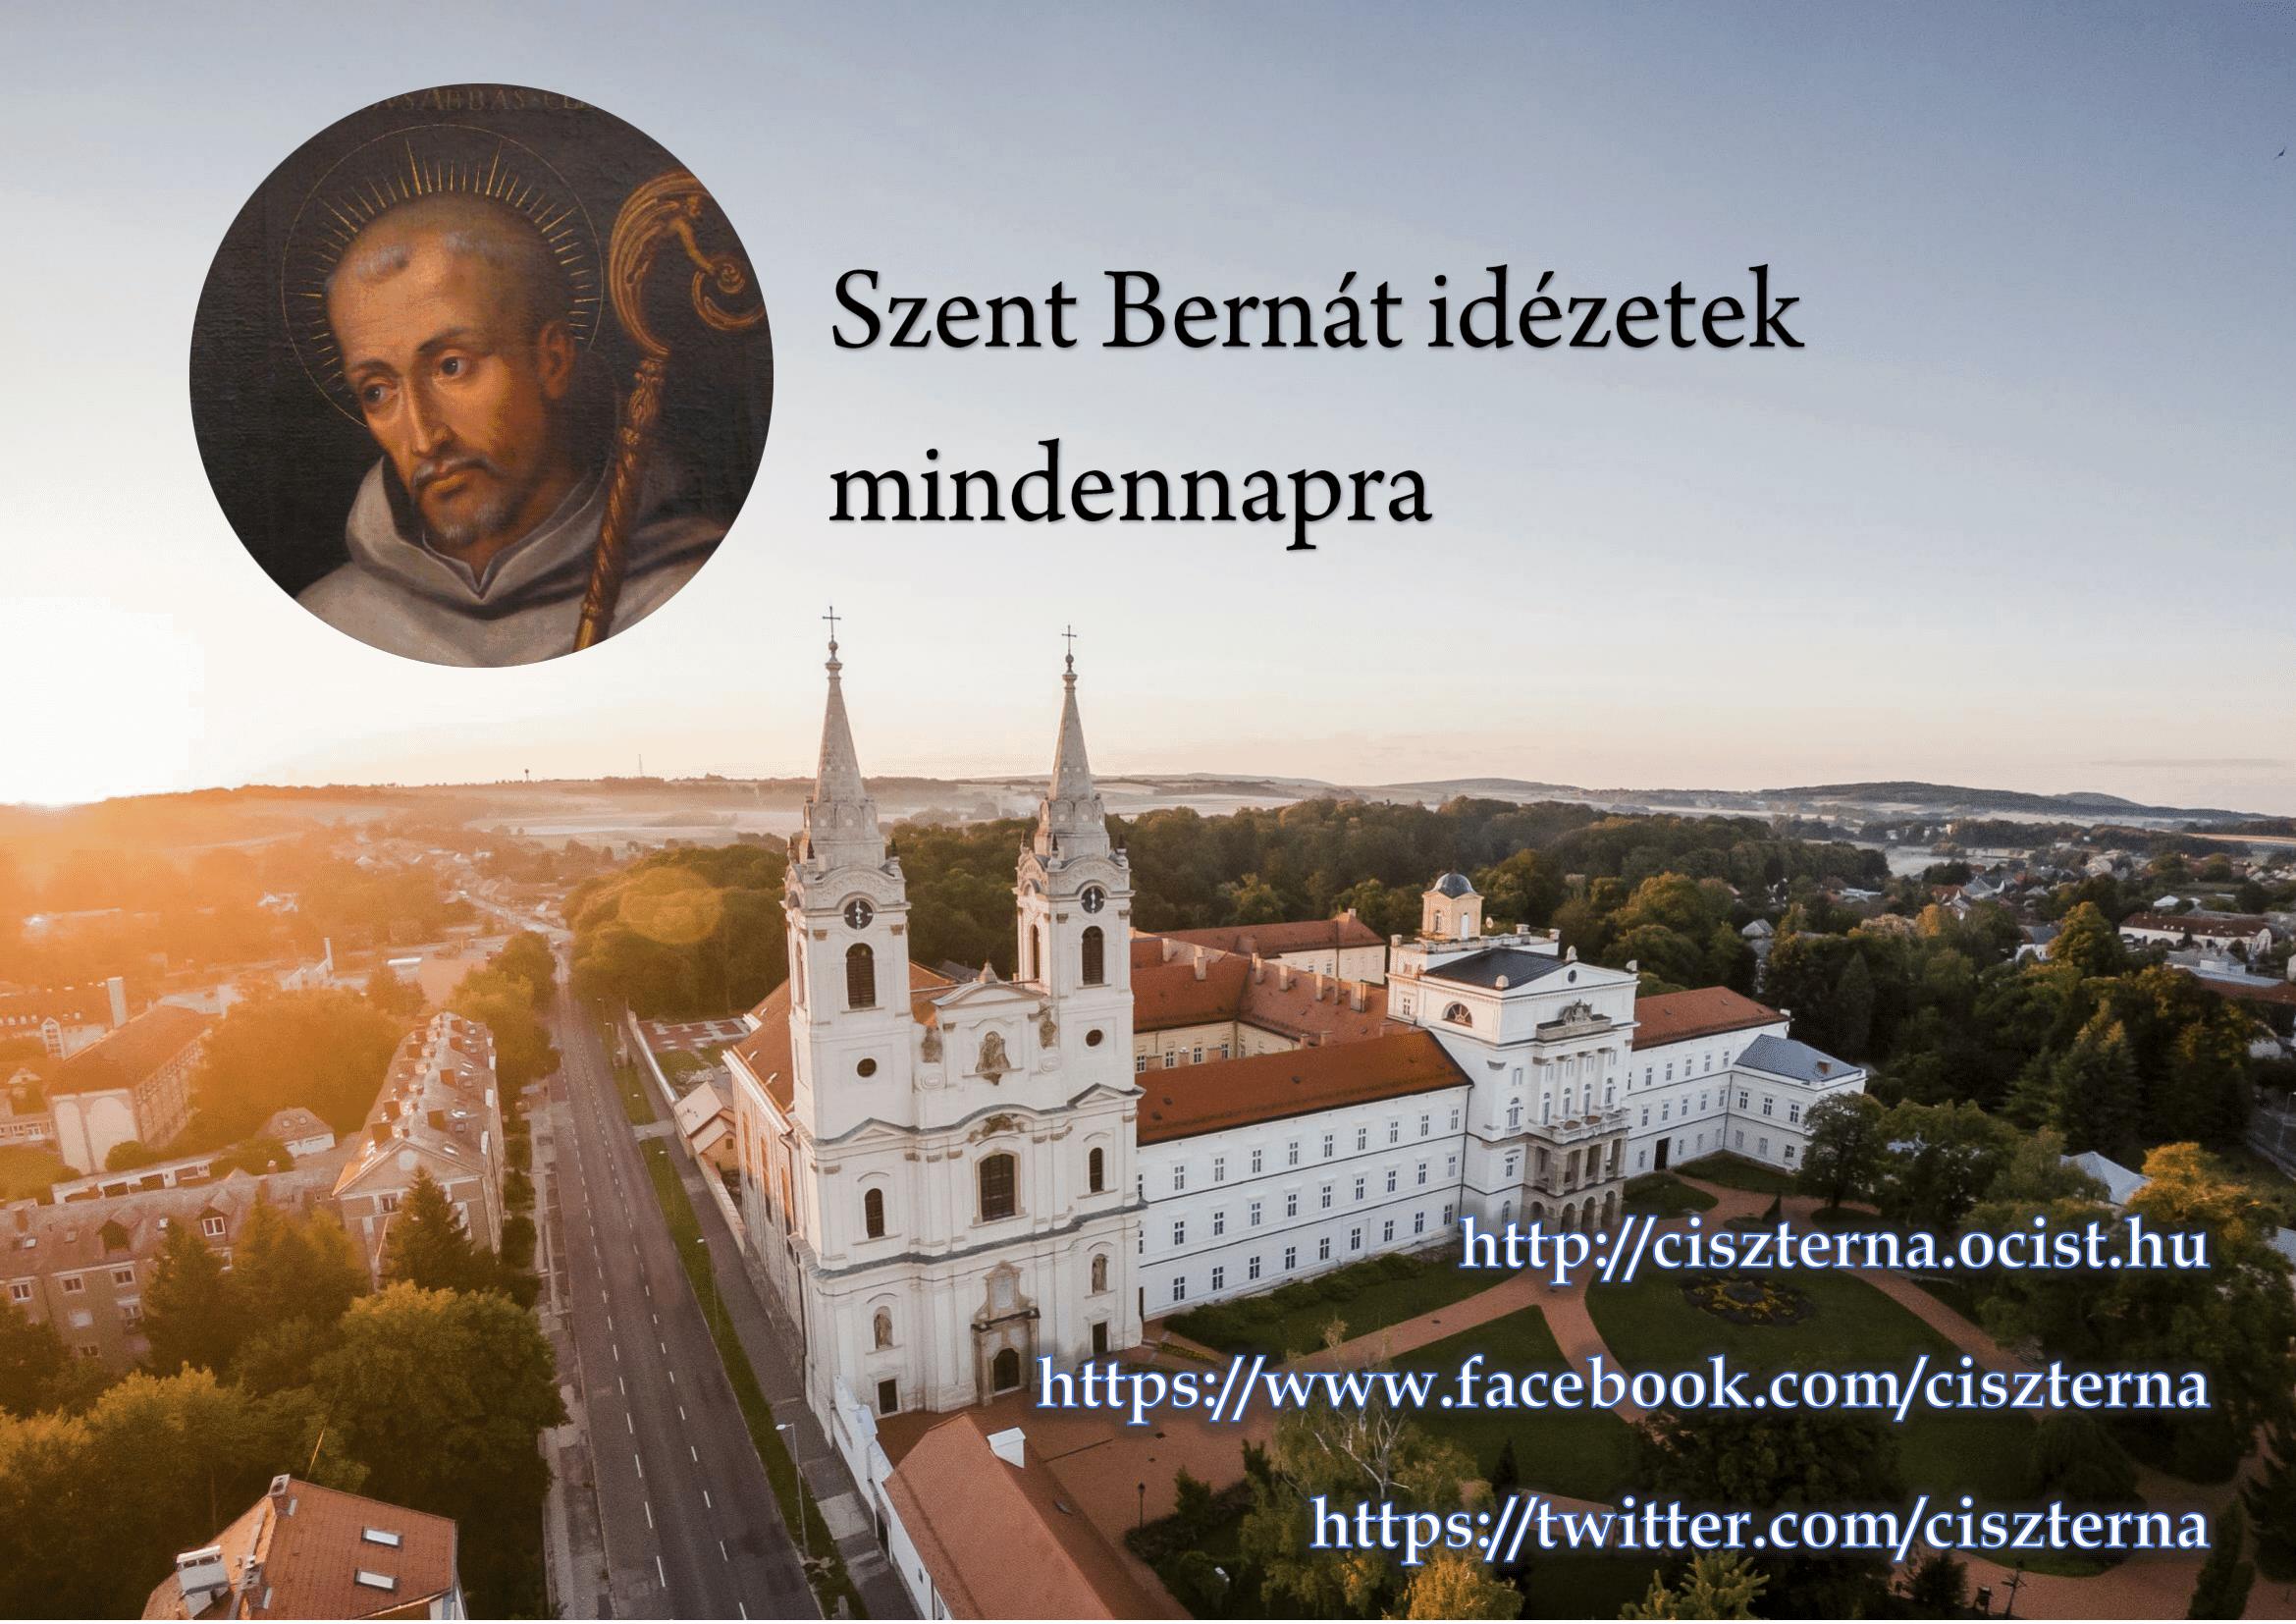 Szent Bernát idézetek mindennapra